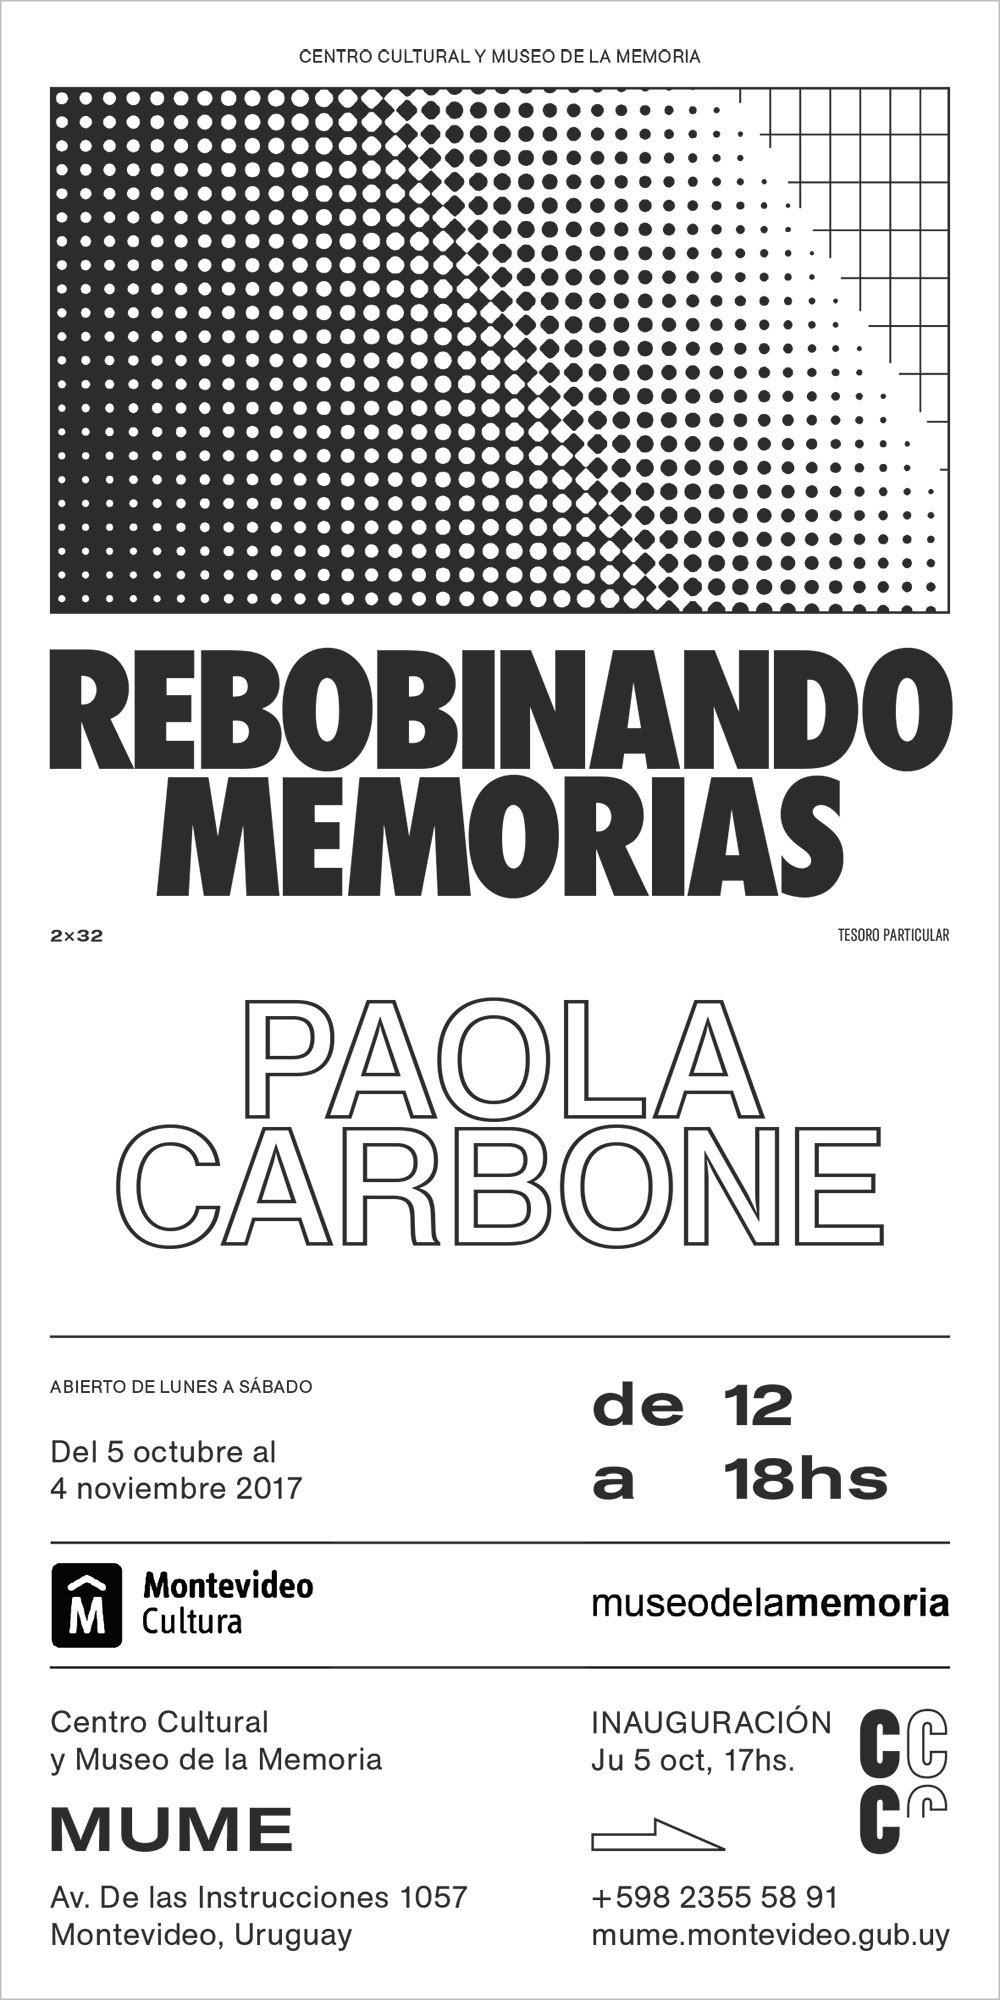 Rebobinando memorias - Paola Carbone